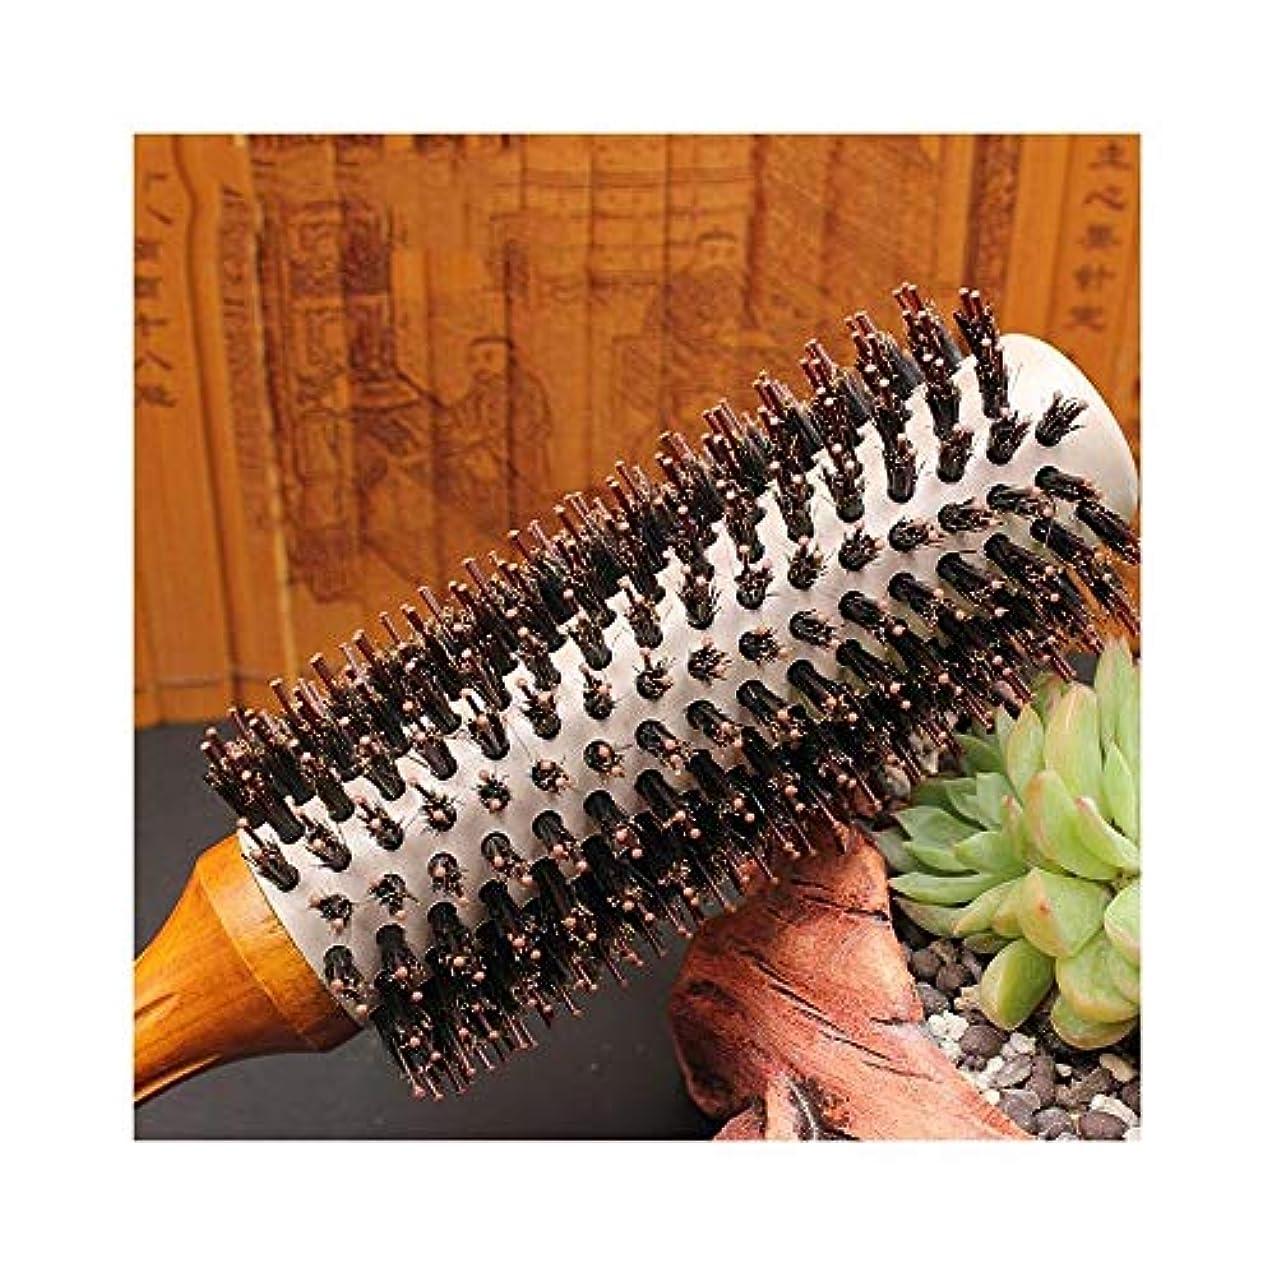 アンソロジーベアリング残りヘアコーム理髪くし すべてのヘアスタイルのためにイノシシ毛&ナイロンピン - プロフェッショナルイノシシ毛ラウンド櫛ドライヘアブラシブロー ヘアスタイリングコーム (Size : XL)